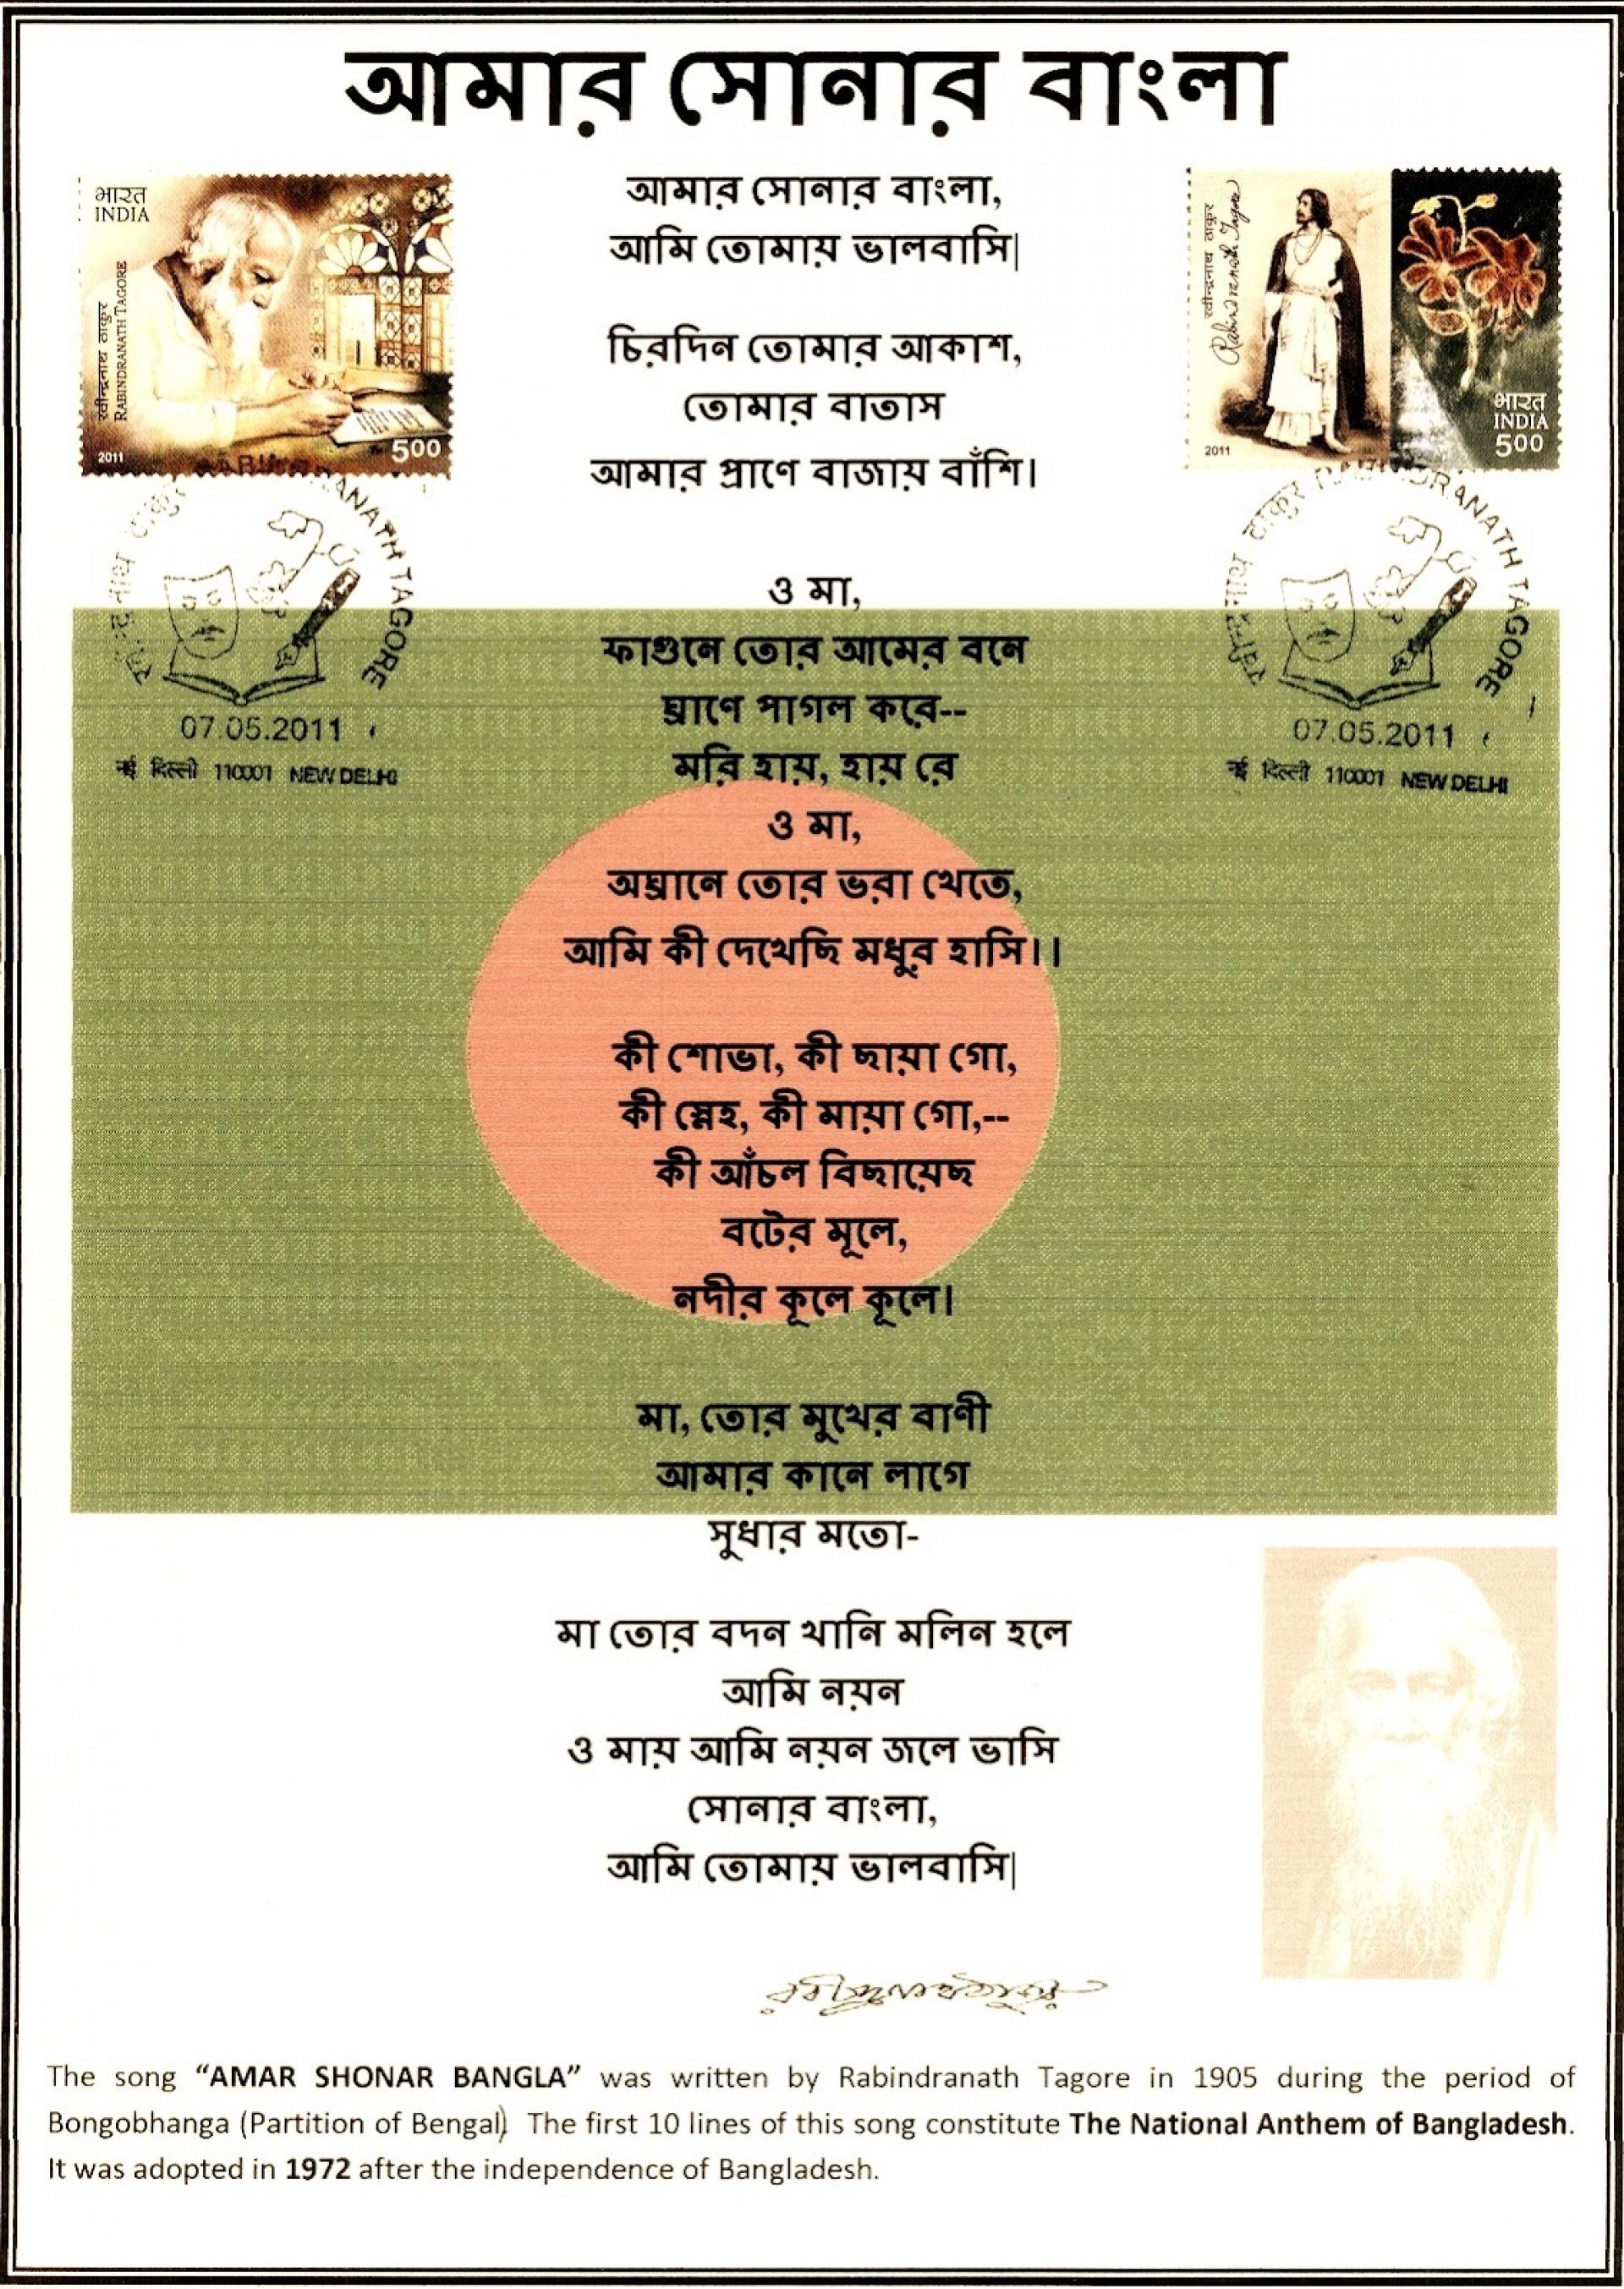 008 Rabindra Nath Tagore Amar Shonar Bangla Essay On Bhagat Singh In Marathi Unique Short 100 Words 1920